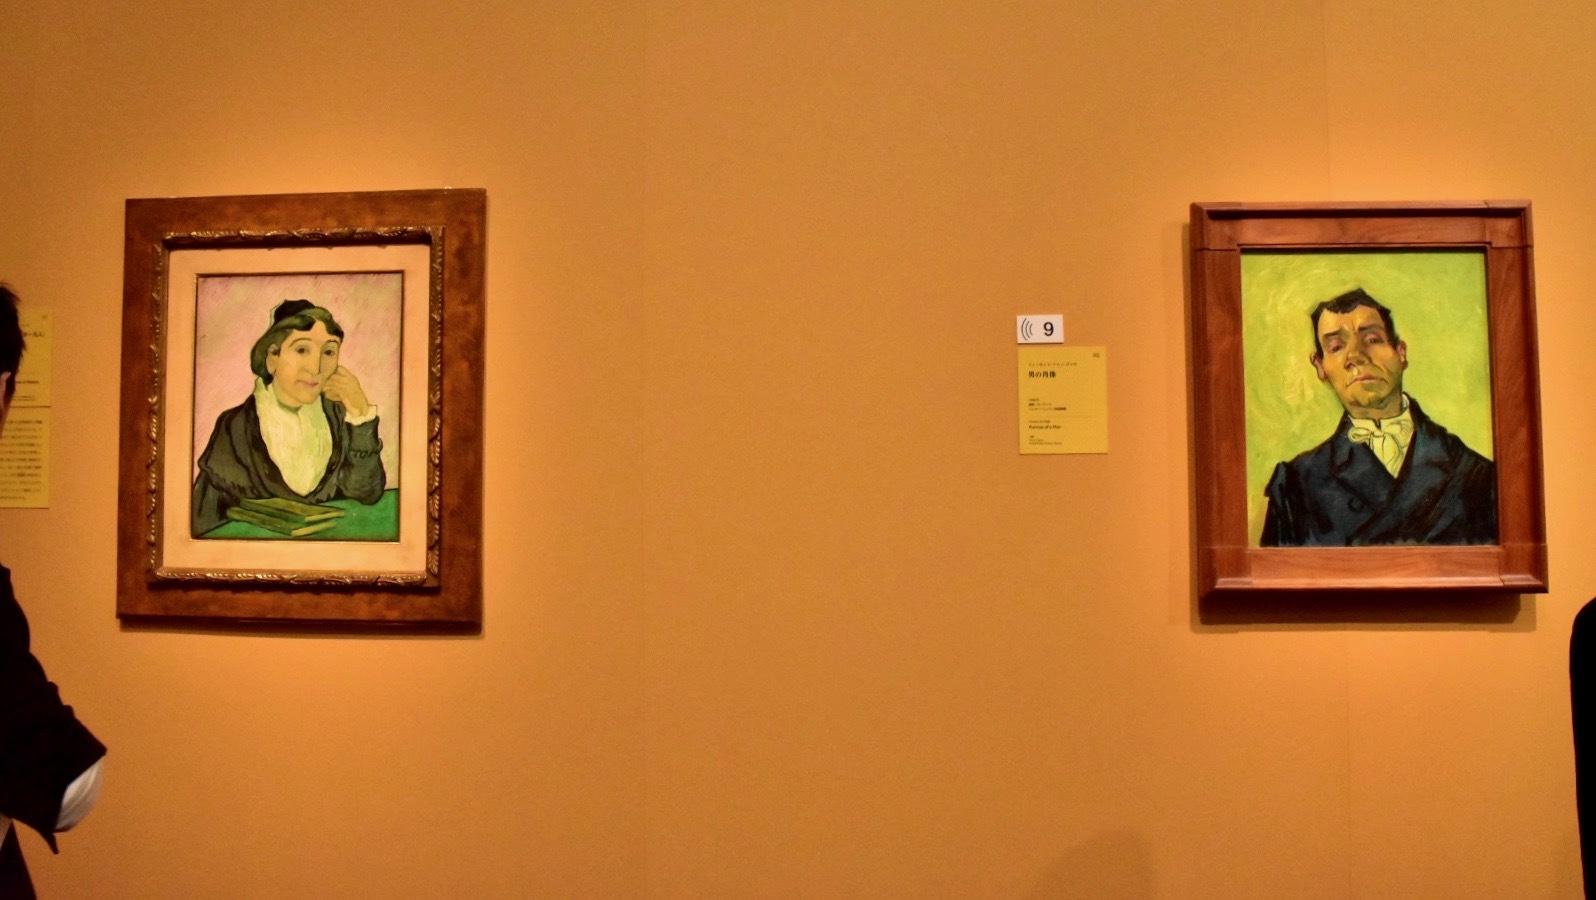 左:フィンセント・ファン・ゴッホ アルルの女(ジヌー夫人)ローマ国立近代美術館 右:同作者 男の肖像 クレラー=ミュラー美術館